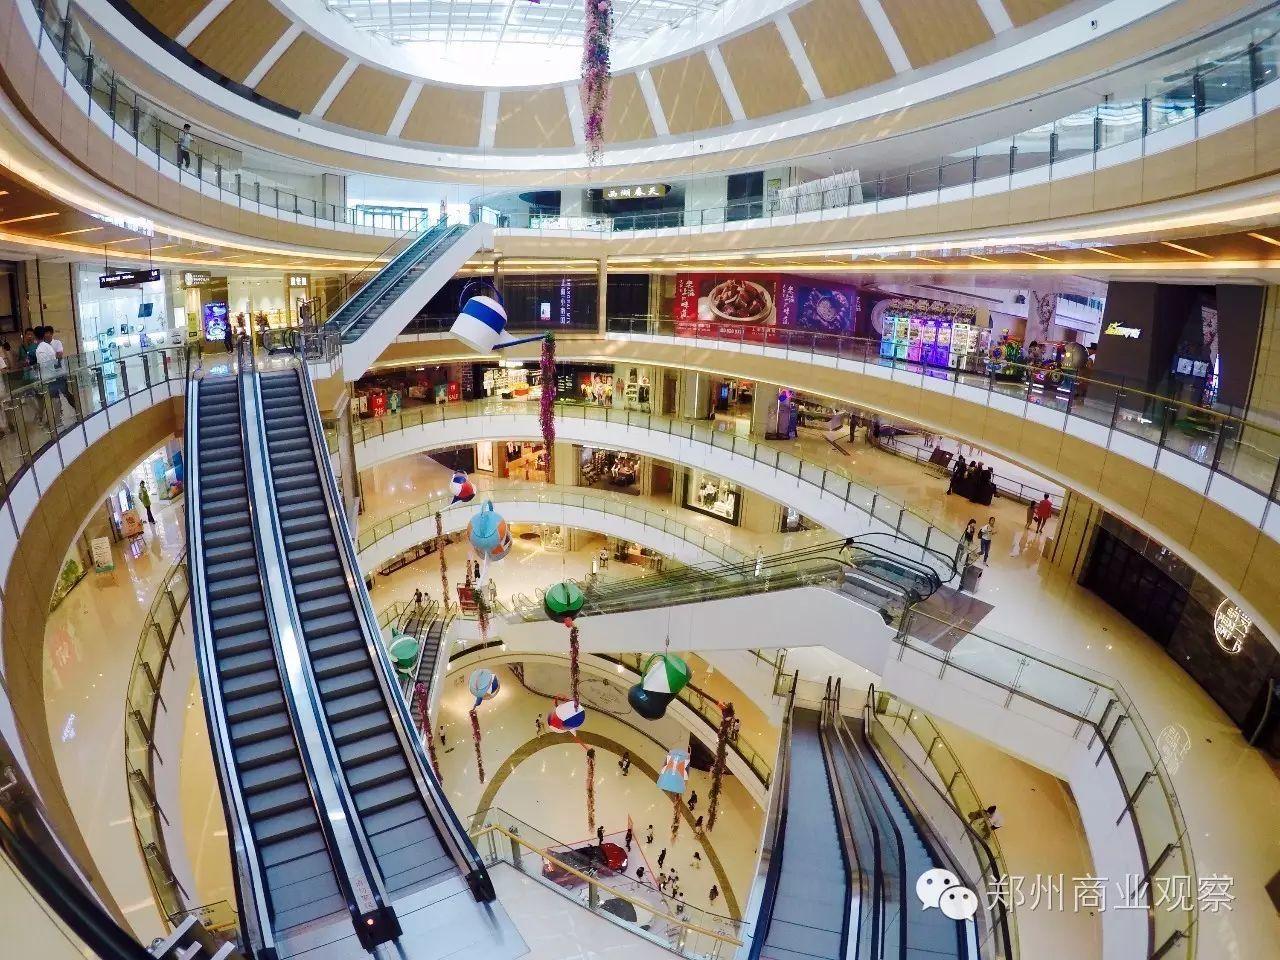 小米之家,安德玛,大开沙界等品牌进驻,停车场管理系统升级|郑州万象城